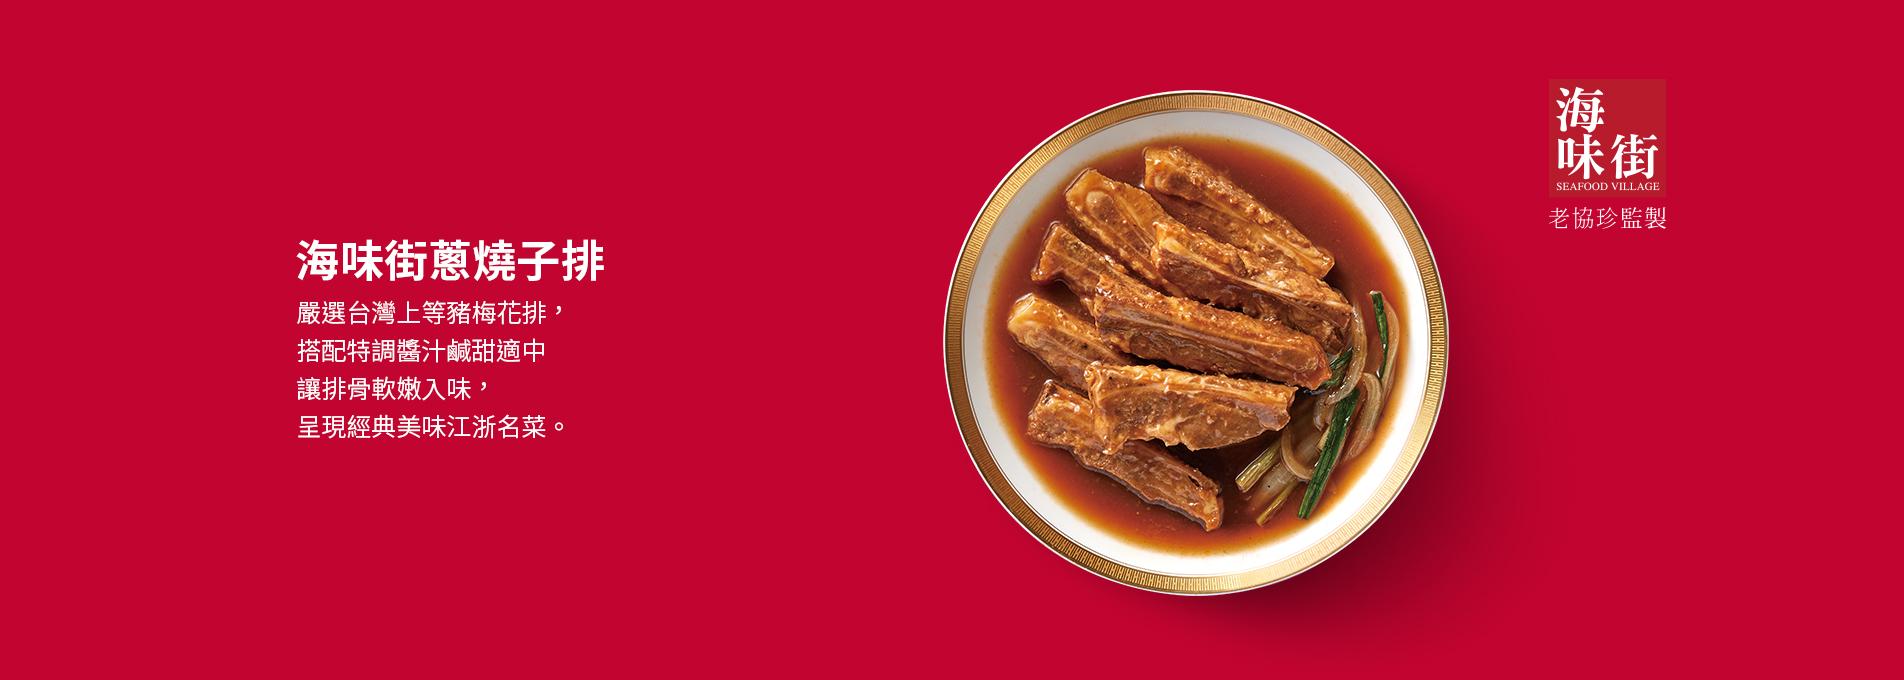 海味街蔥燒子排